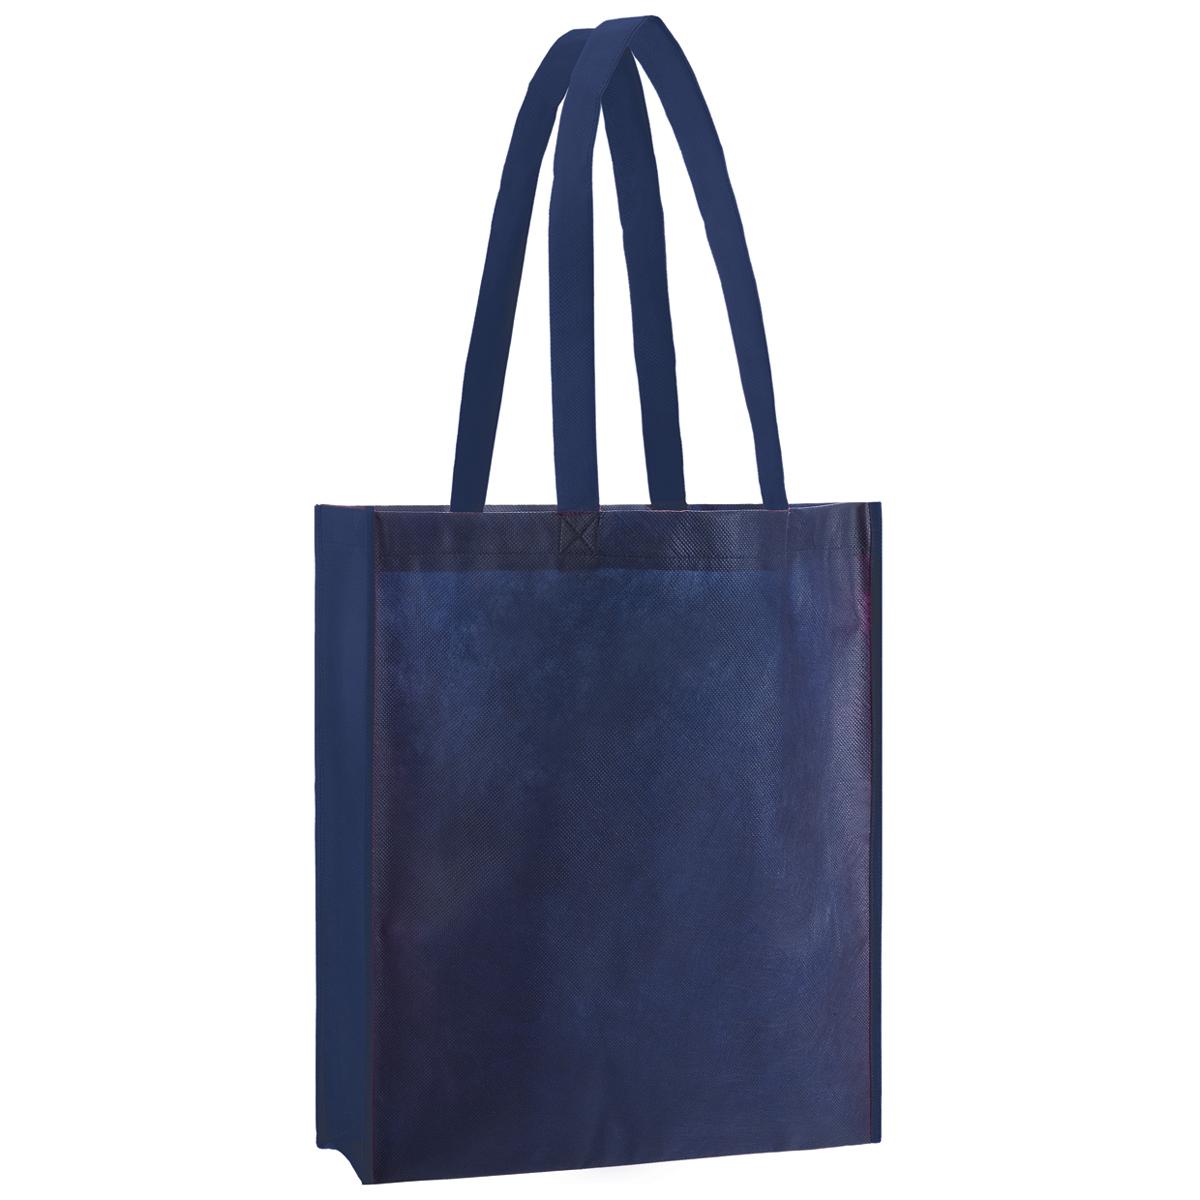 Premiumtex Non-Woven Einkaufstasche mit Boden- und Seitenfalte. Logodruck